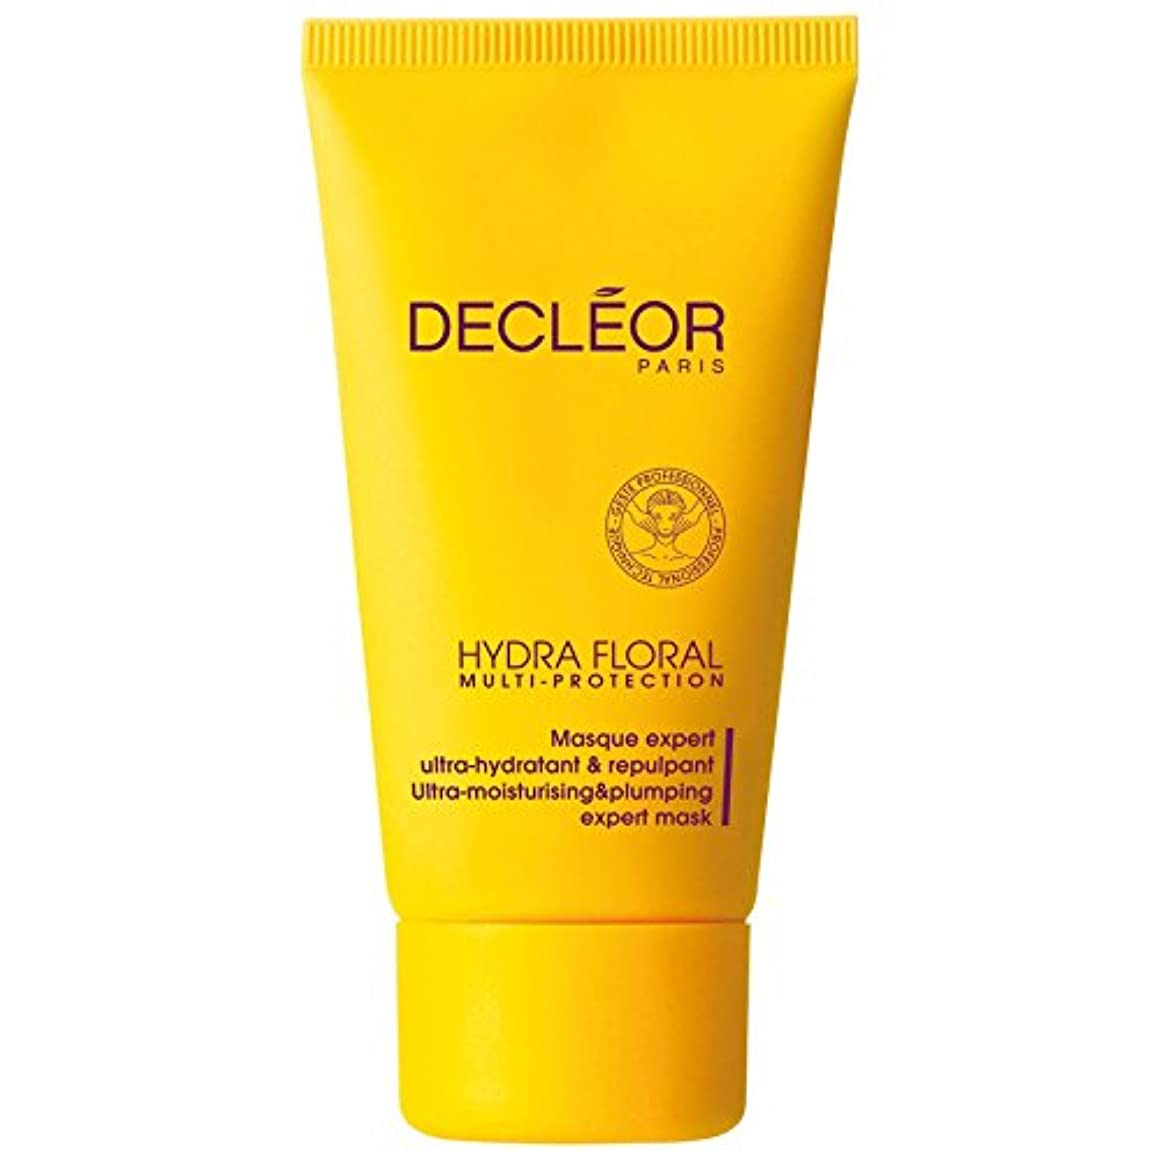 ジャンプ溶けた非公式[Decl?or] デクレオールヒドラ花のマルチ保護の専門家マスク50ミリリットル - Decl?or Hydra Floral Multi Protection Expert Mask 50ml [並行輸入品]